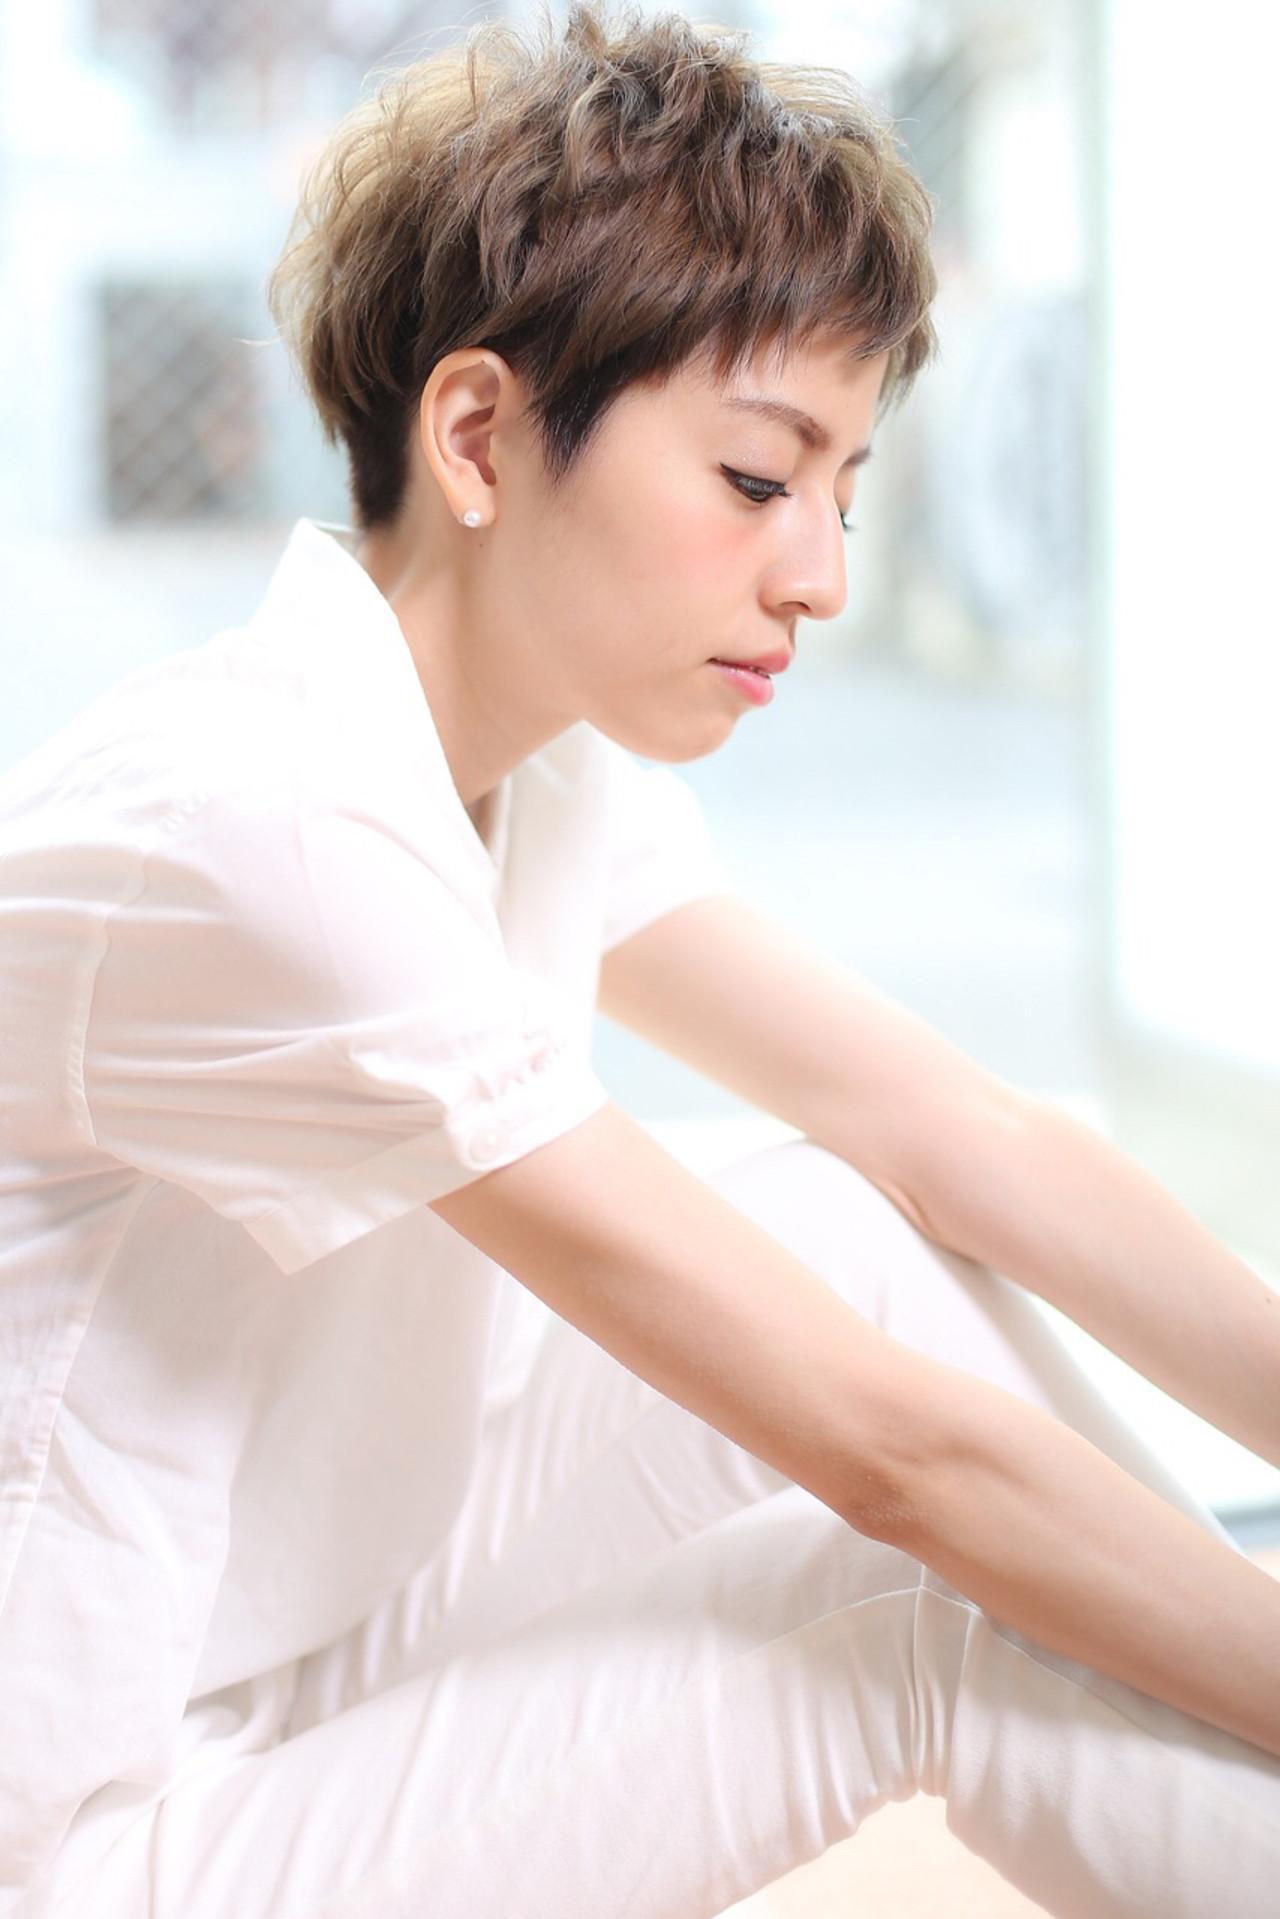 色白ならよりスマートにキマってくれる♪ カットの匠☆ショートヘアマスター『江藤 公次』 | atreve/アトレーヴ